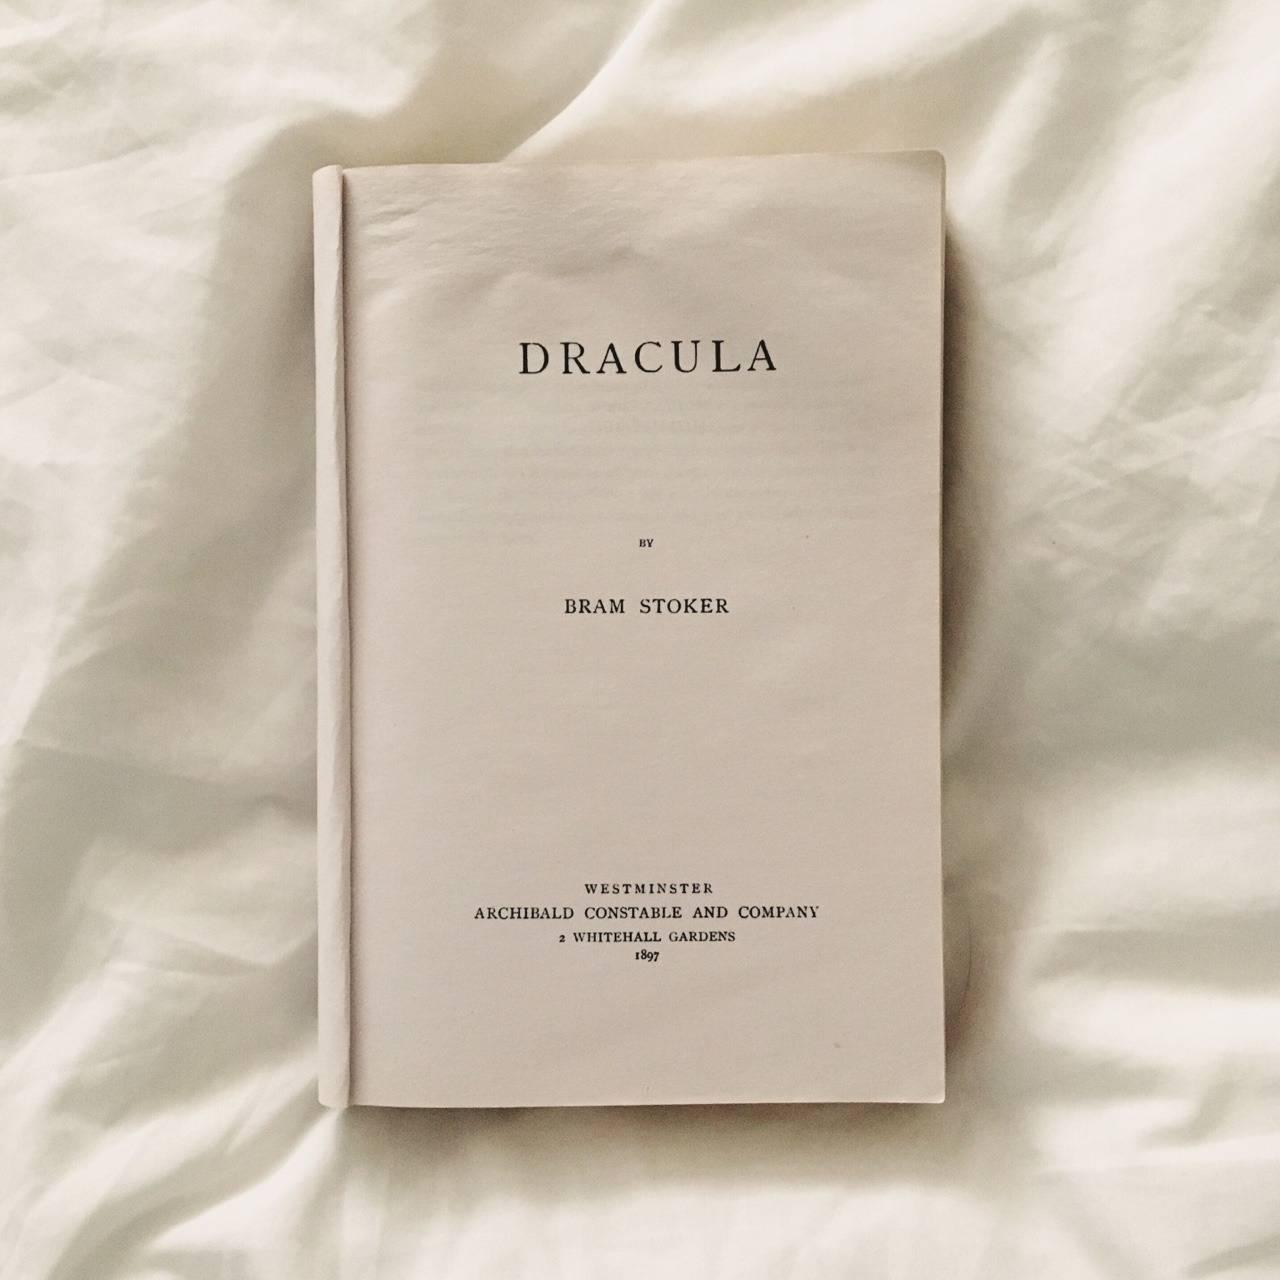 Роман Дракула Брэма Стокера - Stone Forest